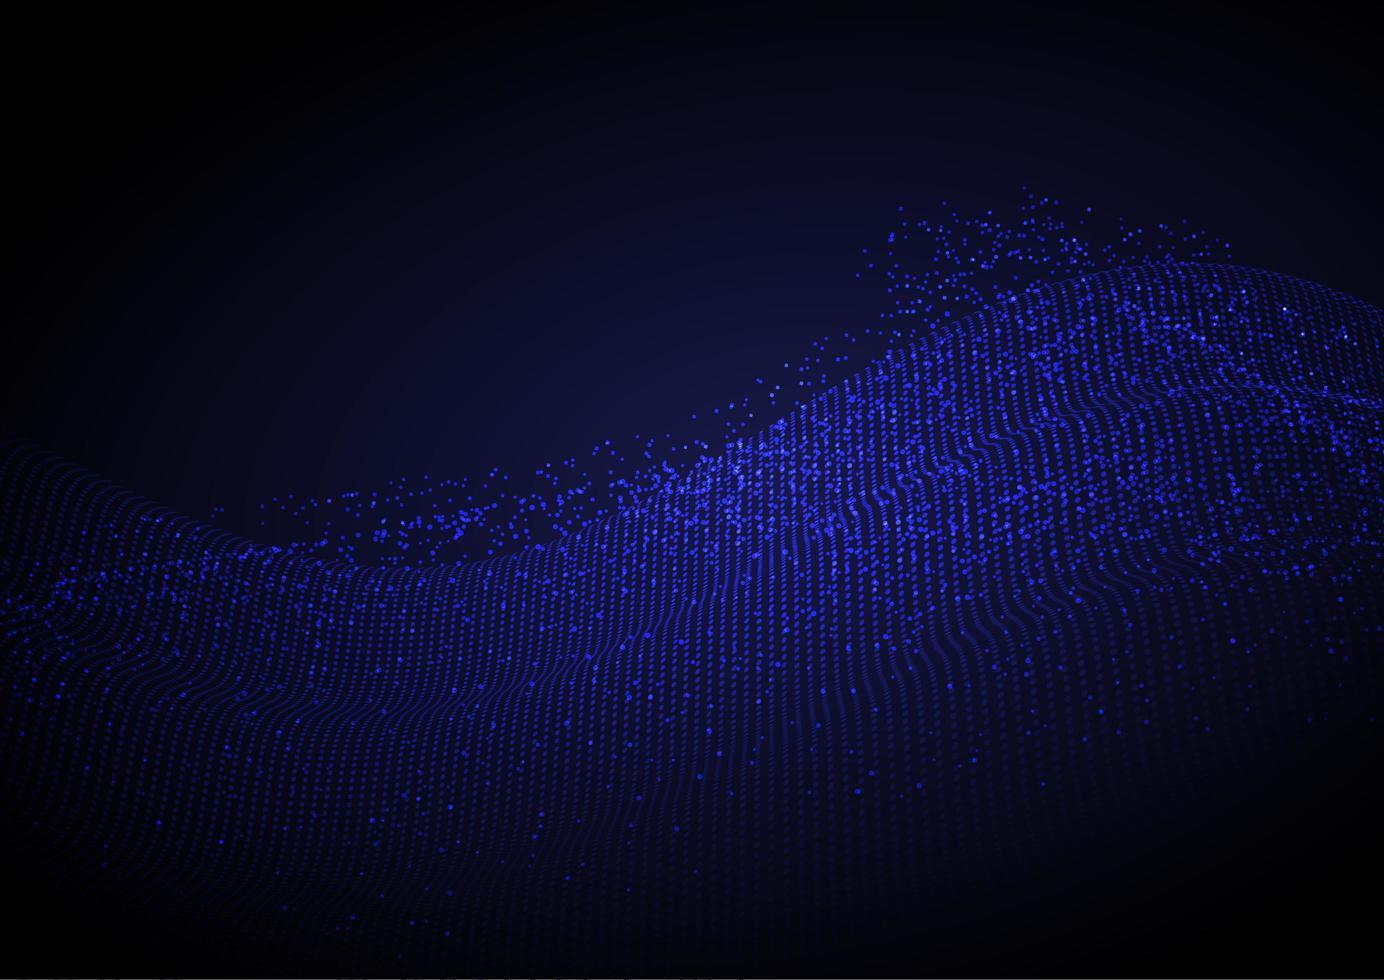 Abstrakter Hintergrund mit flüssigem Punktdesign vektor